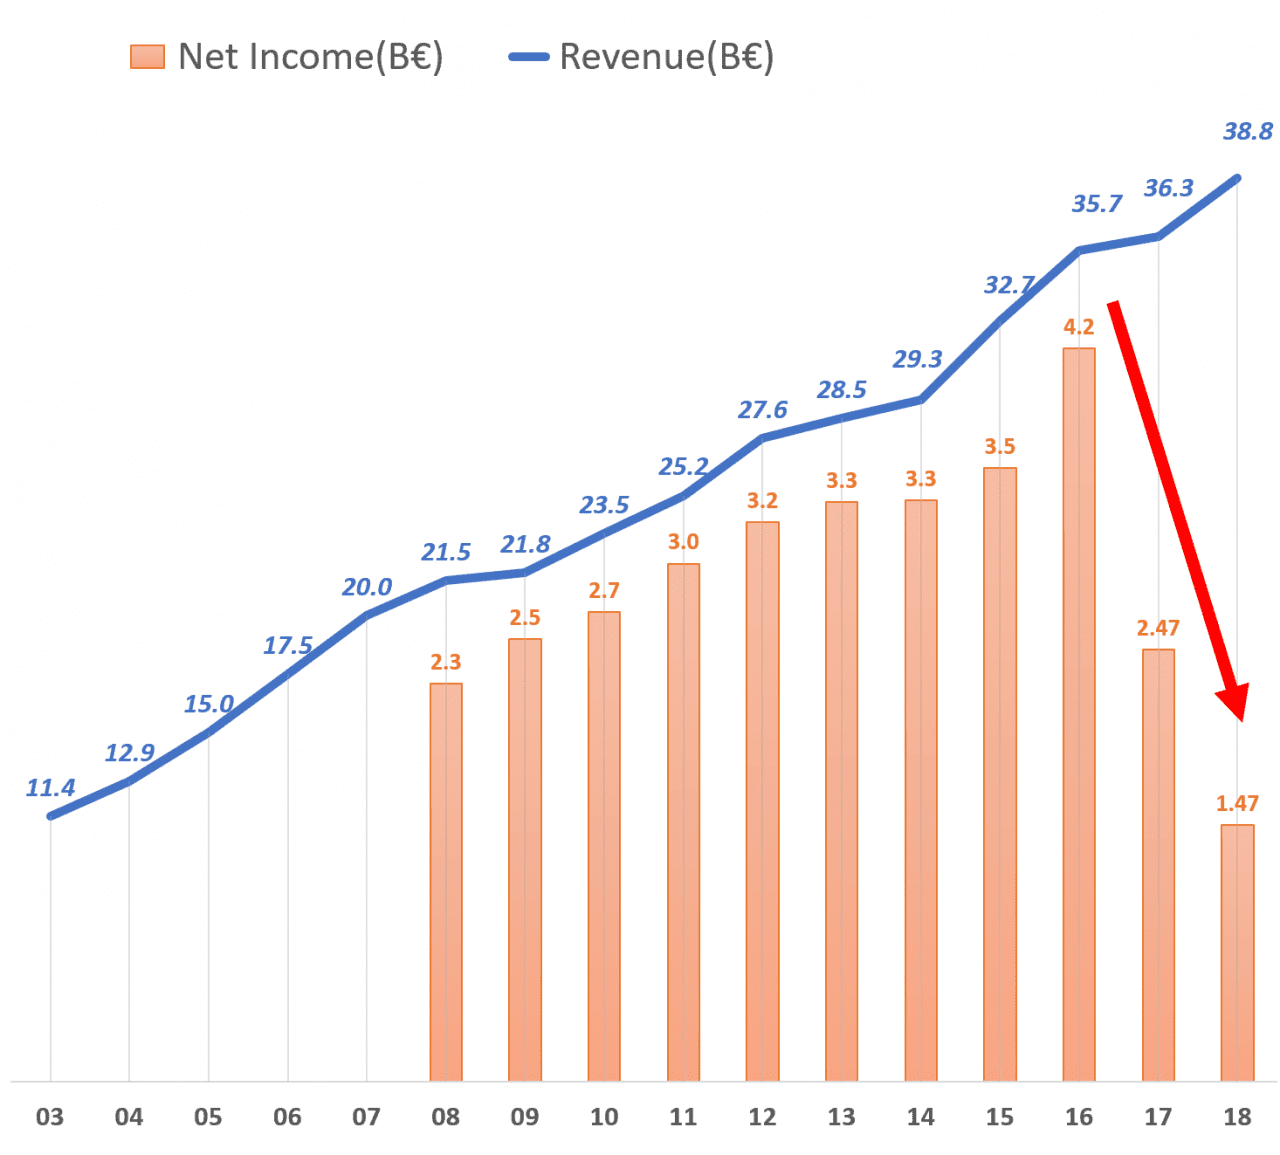 이케아 연도별 매출(B€) 및 순이익(B€) 추지, IKEA yearly revenue  and net income, Image by happist